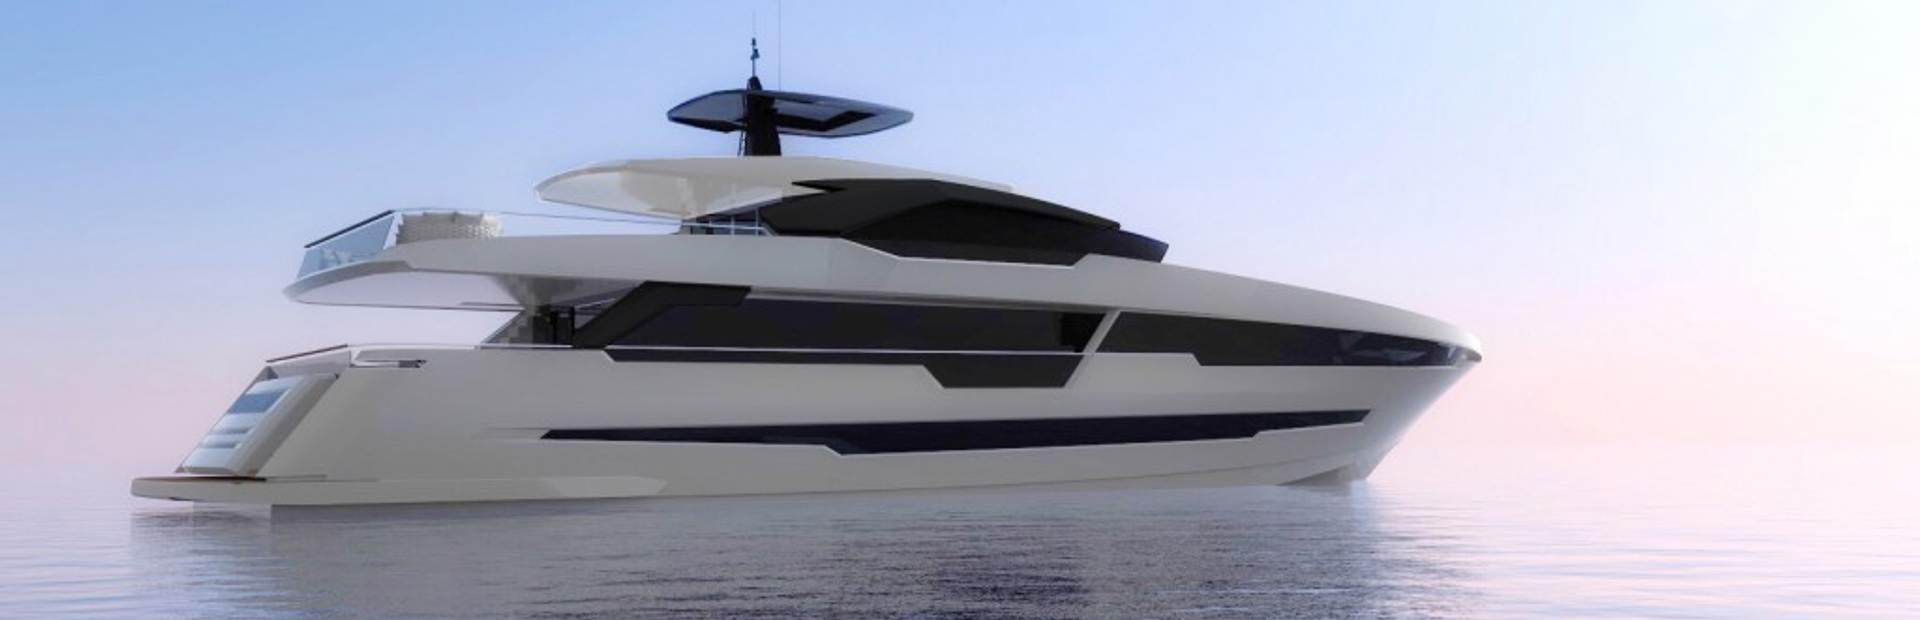 125 Century Yacht Charter